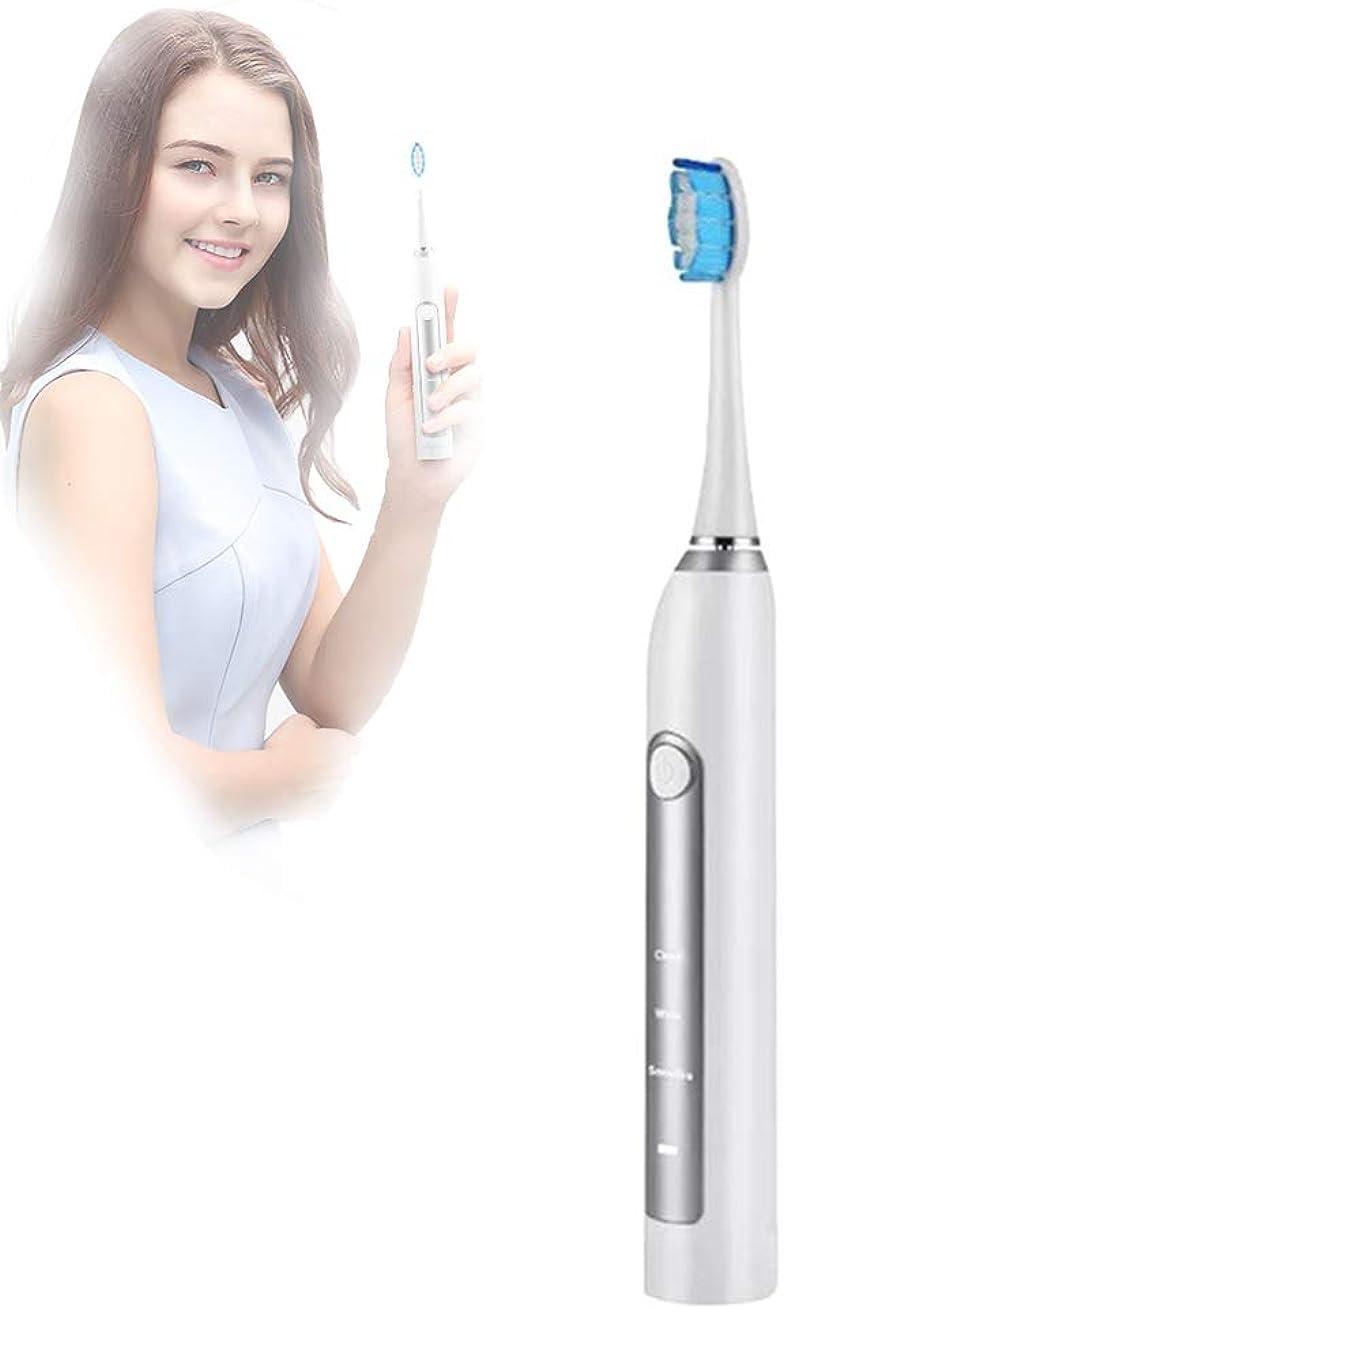 リー出来事泥だらけ超音波電動歯ブラシ、インテリジェントタイミング、3次元洗浄、パーソナライズド、シンプル、高周波洗浄